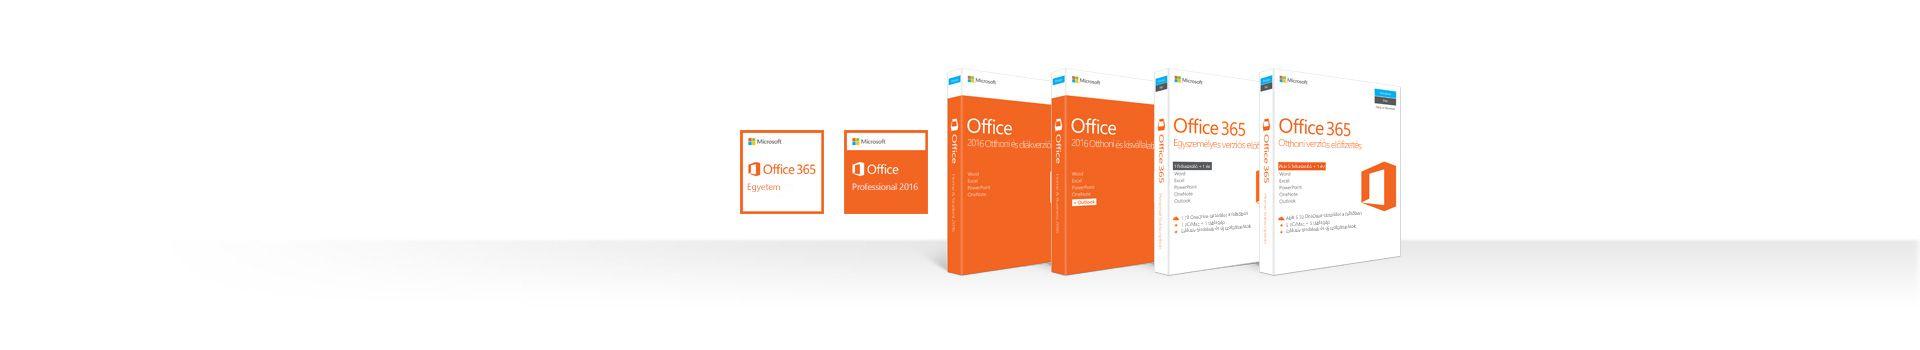 Egy sornyi doboz, mely a PC-hez készült Office-előfizetéseket és a különálló termékeket jelképezi